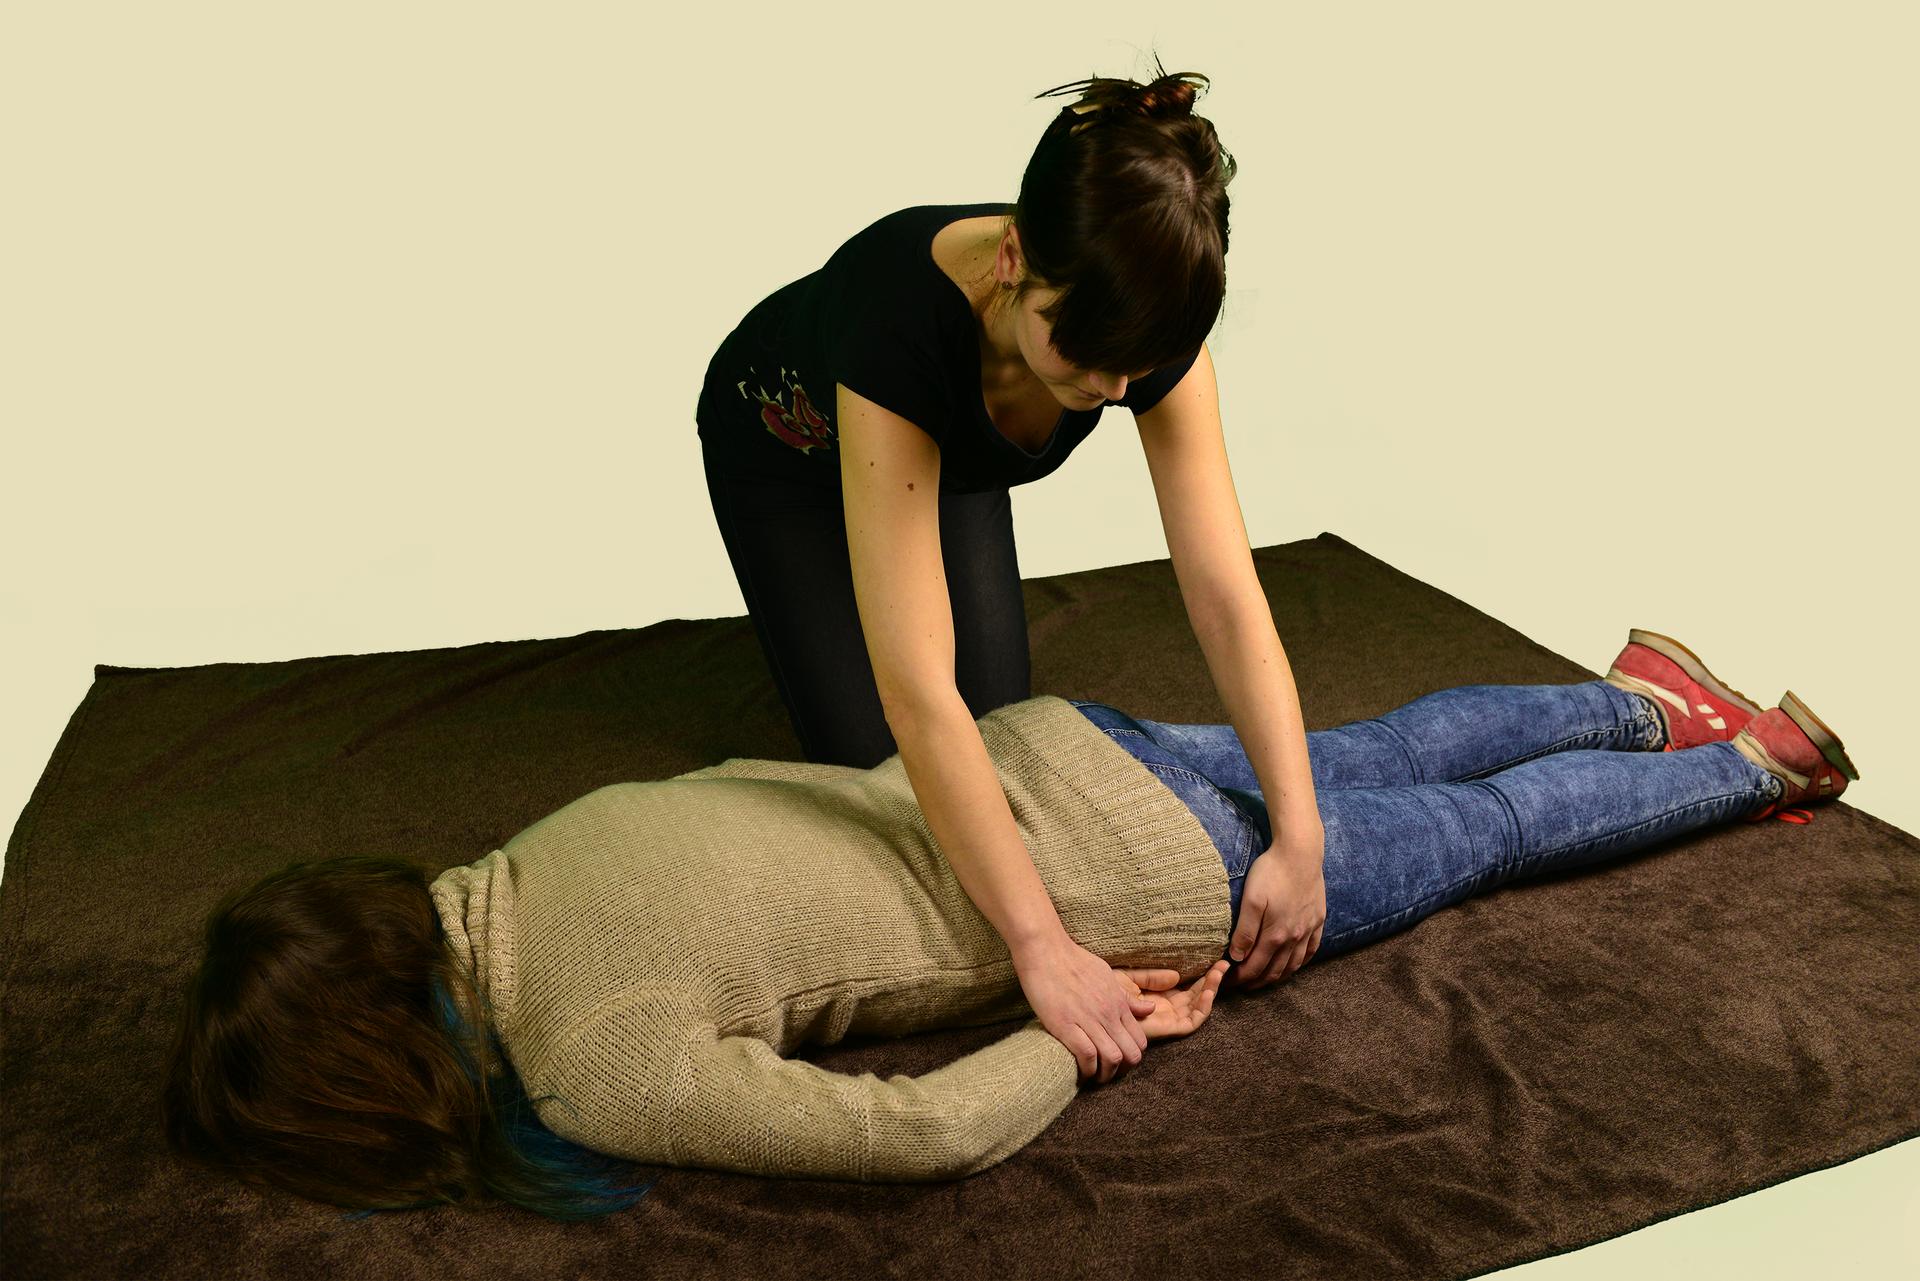 Poszkodowana osoba leży na brzuchu. Ręce ułożone wzdłuż tułowia. Nogi proste, równolegle do siebie. Twarz zwrócona do podłoża. Osoba leży zwrócona głową wlewą stronę zdjęcia. Obok poszkodowanej osoby, wgłębi zdjęcia, klęczy kobieta układająca poszkodowaną osobę wpozycji bezpiecznej. Kobieta przytrzymuje dłoń ibiodro osoby leżącej. Dłoń wkłada pod biodro.